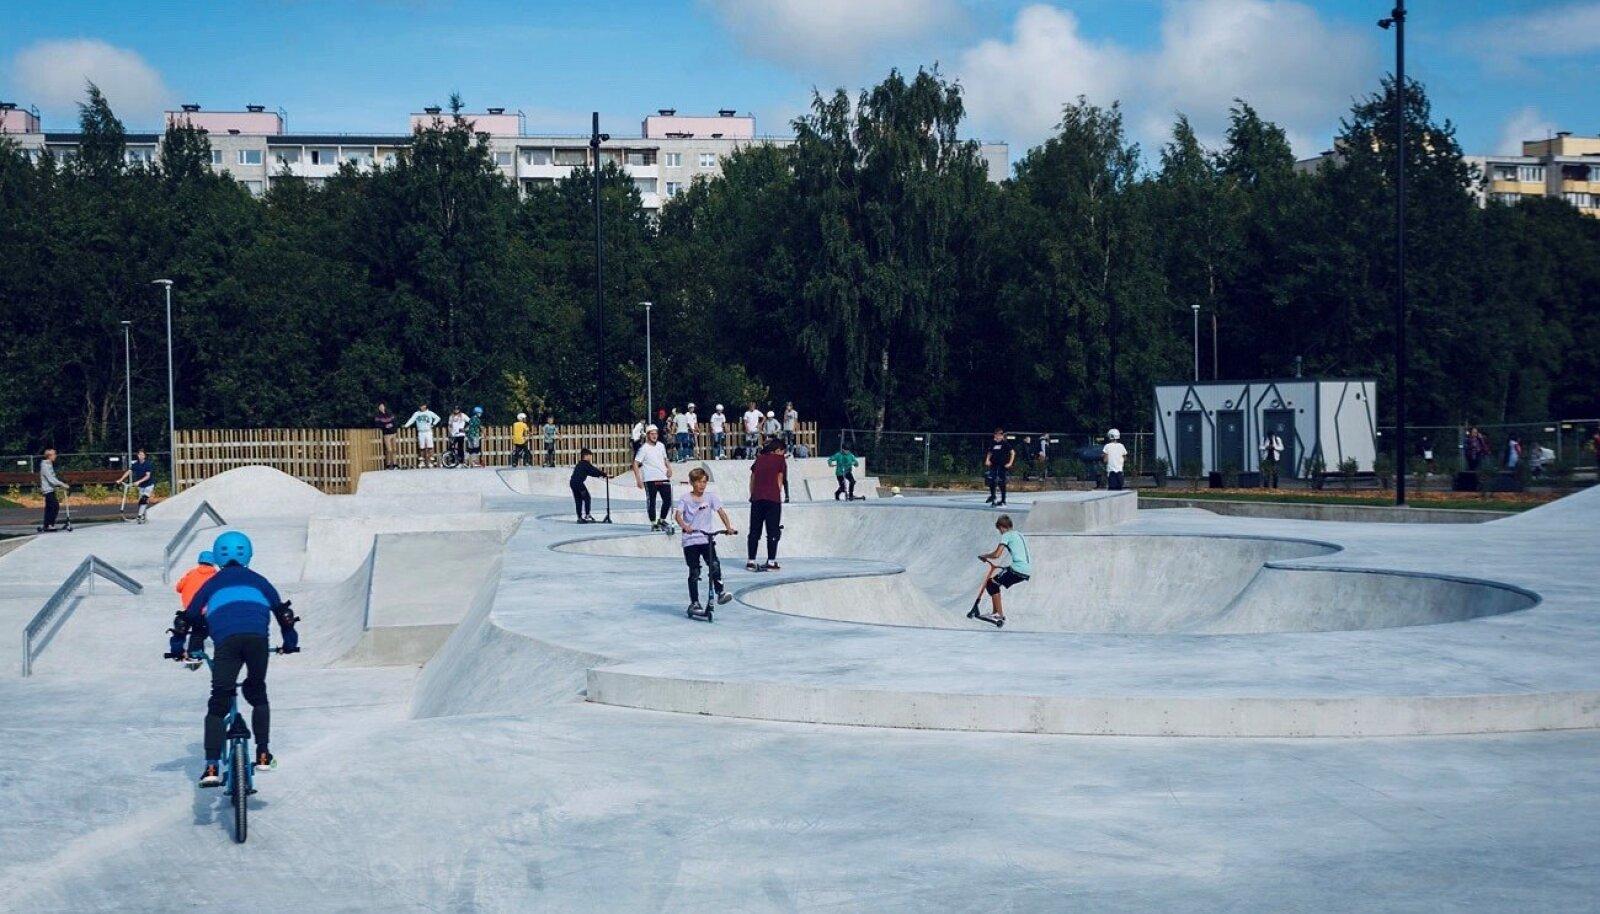 Tondiraba park